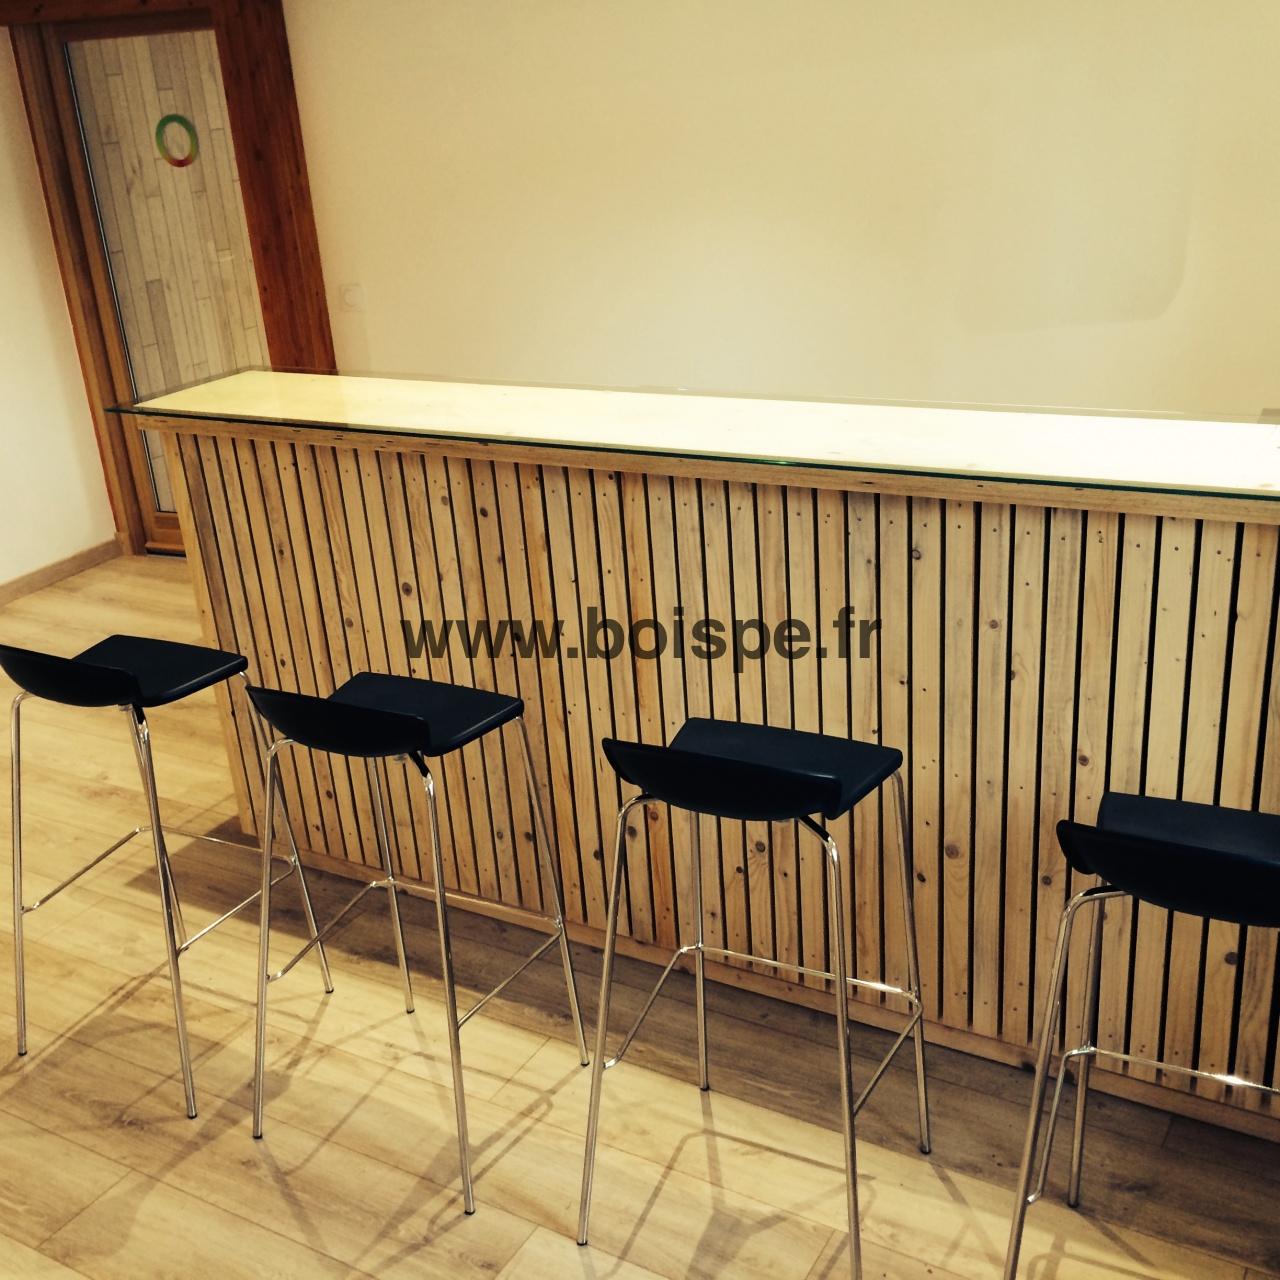 Bar bois pe7 fabriquer un bar tr s design partir d 39 l ments d 39 oss - Customiser un bar en bois ...